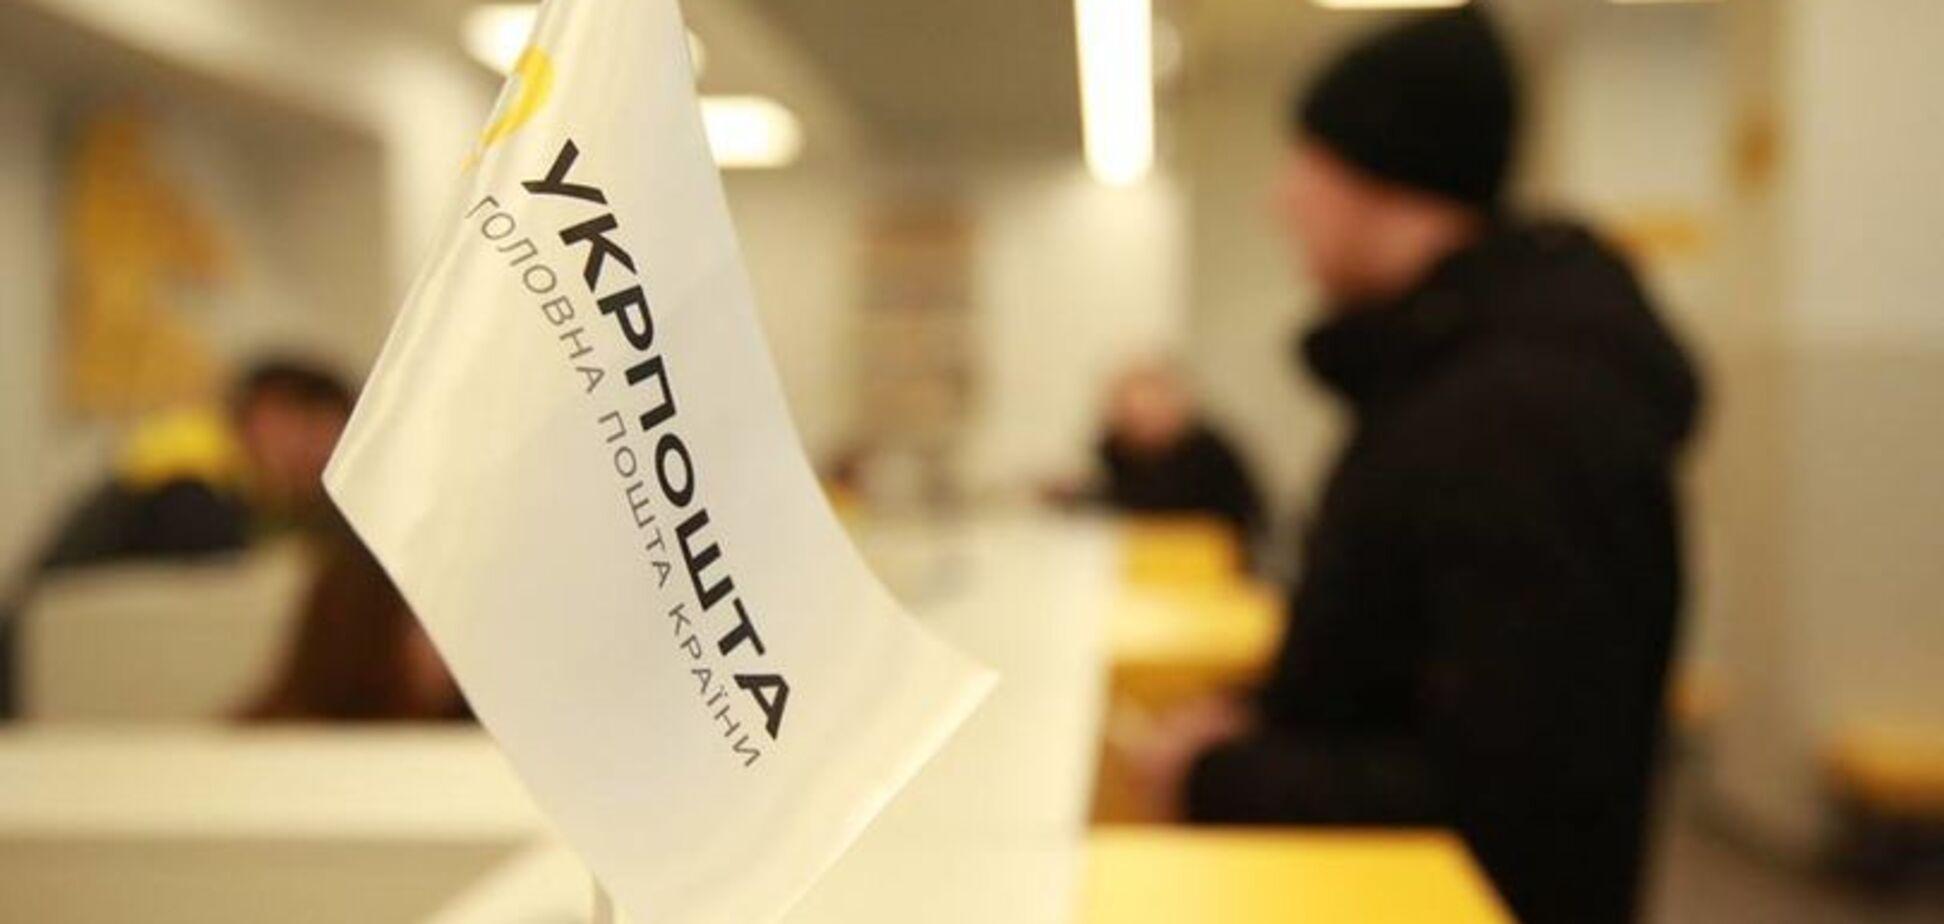 ''Миллионы украинцев без денег'': что будет после отказа 'Укрпочты' доставлять пенсии